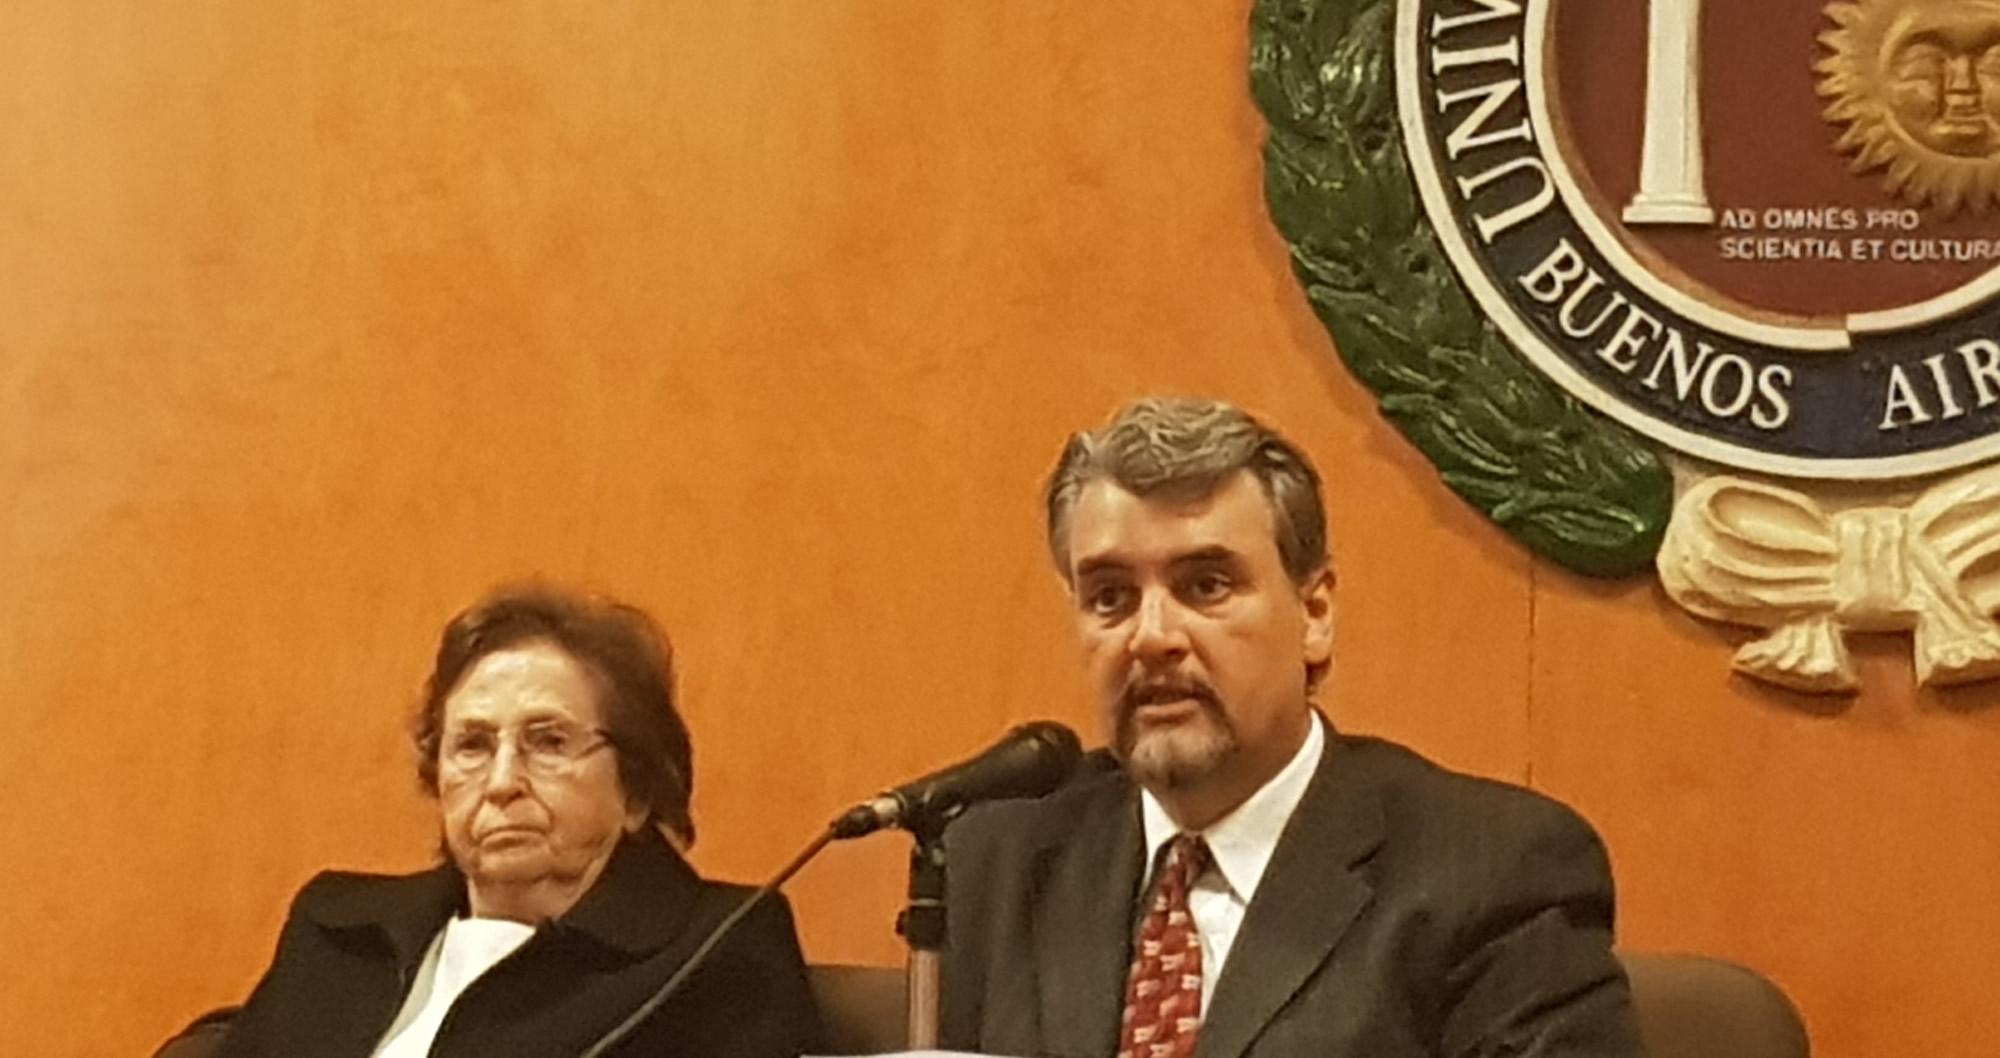 Ricardo López Göttig - Presentación libro sobre antisemitismo en la Universidad de Belgrano